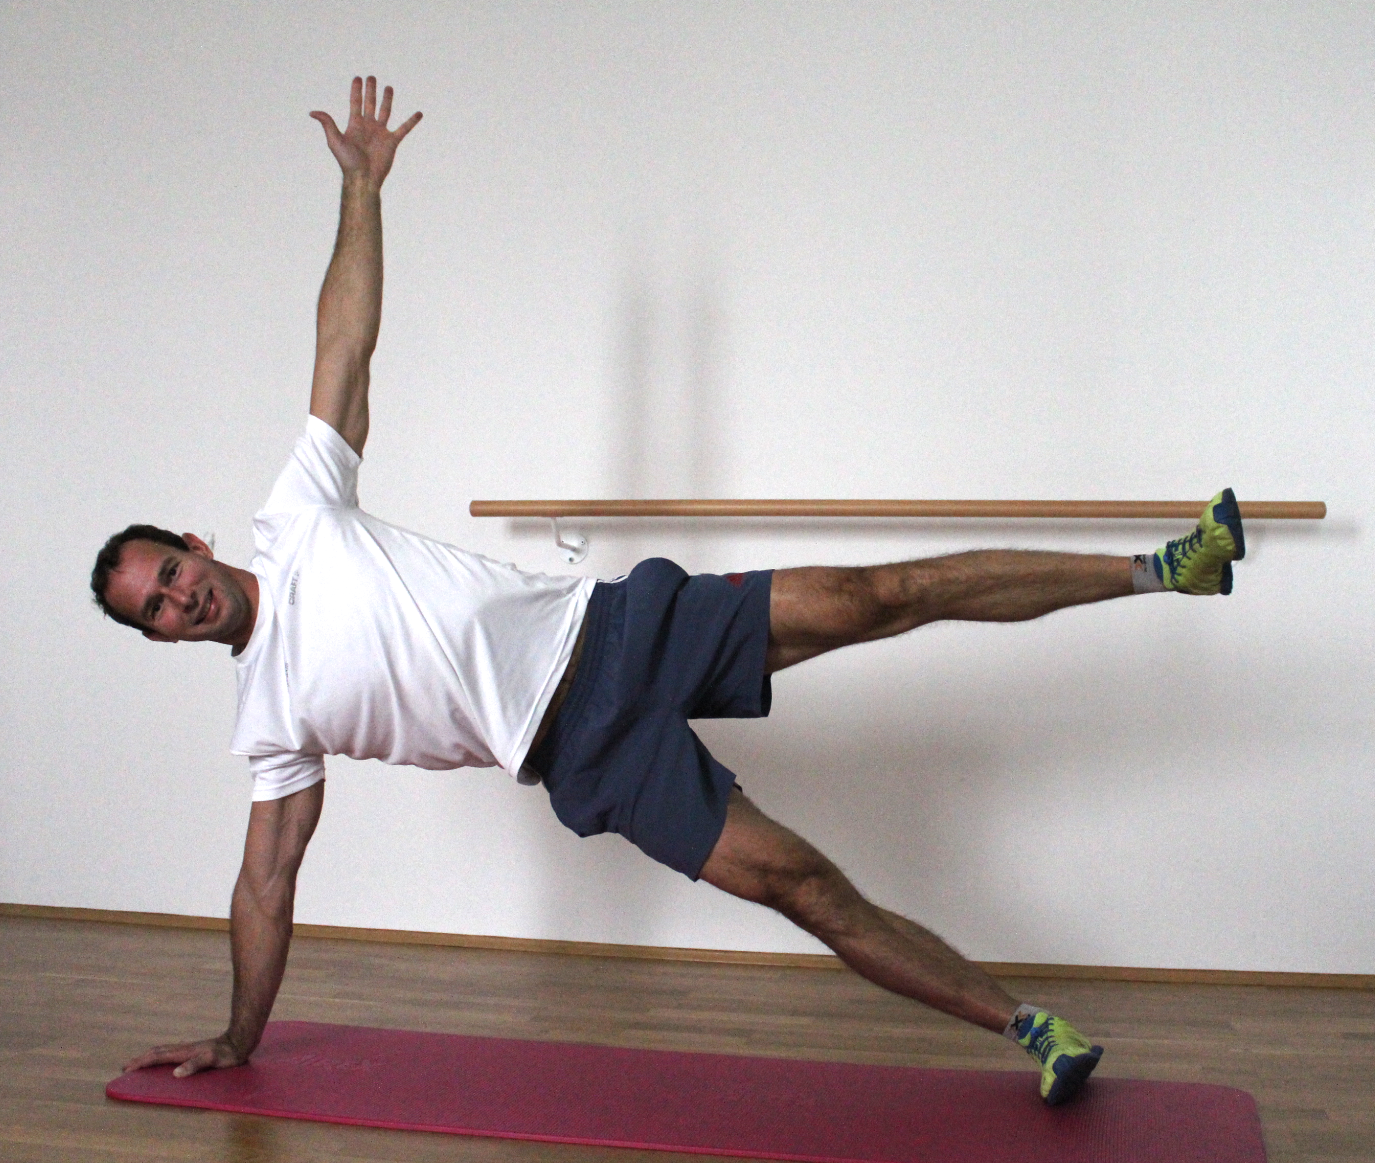 22 Physiotherapie Roland Scheiber Wien 13 Hietzing Praxis